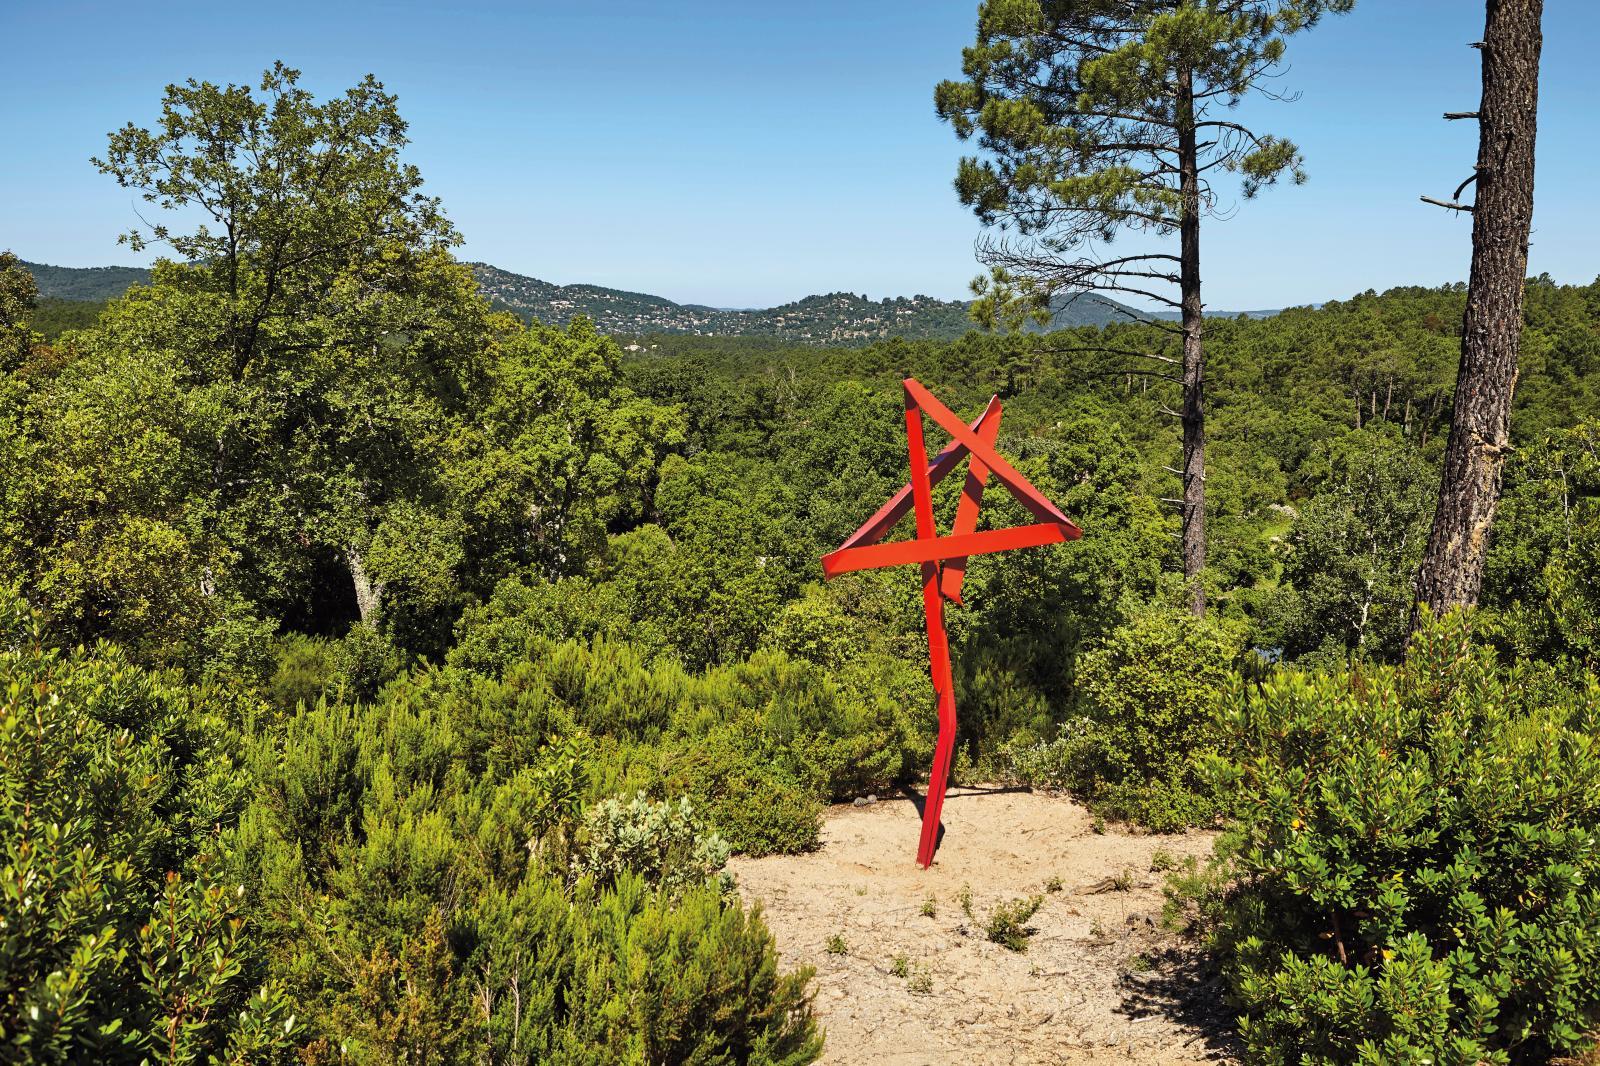 Mark Handforth, Red on Red, 2017, aluminium peint, œuvre unique, 345x165x120cm. Domaine du Muy, Galerie Mitterrand. Photo J.C. Lett